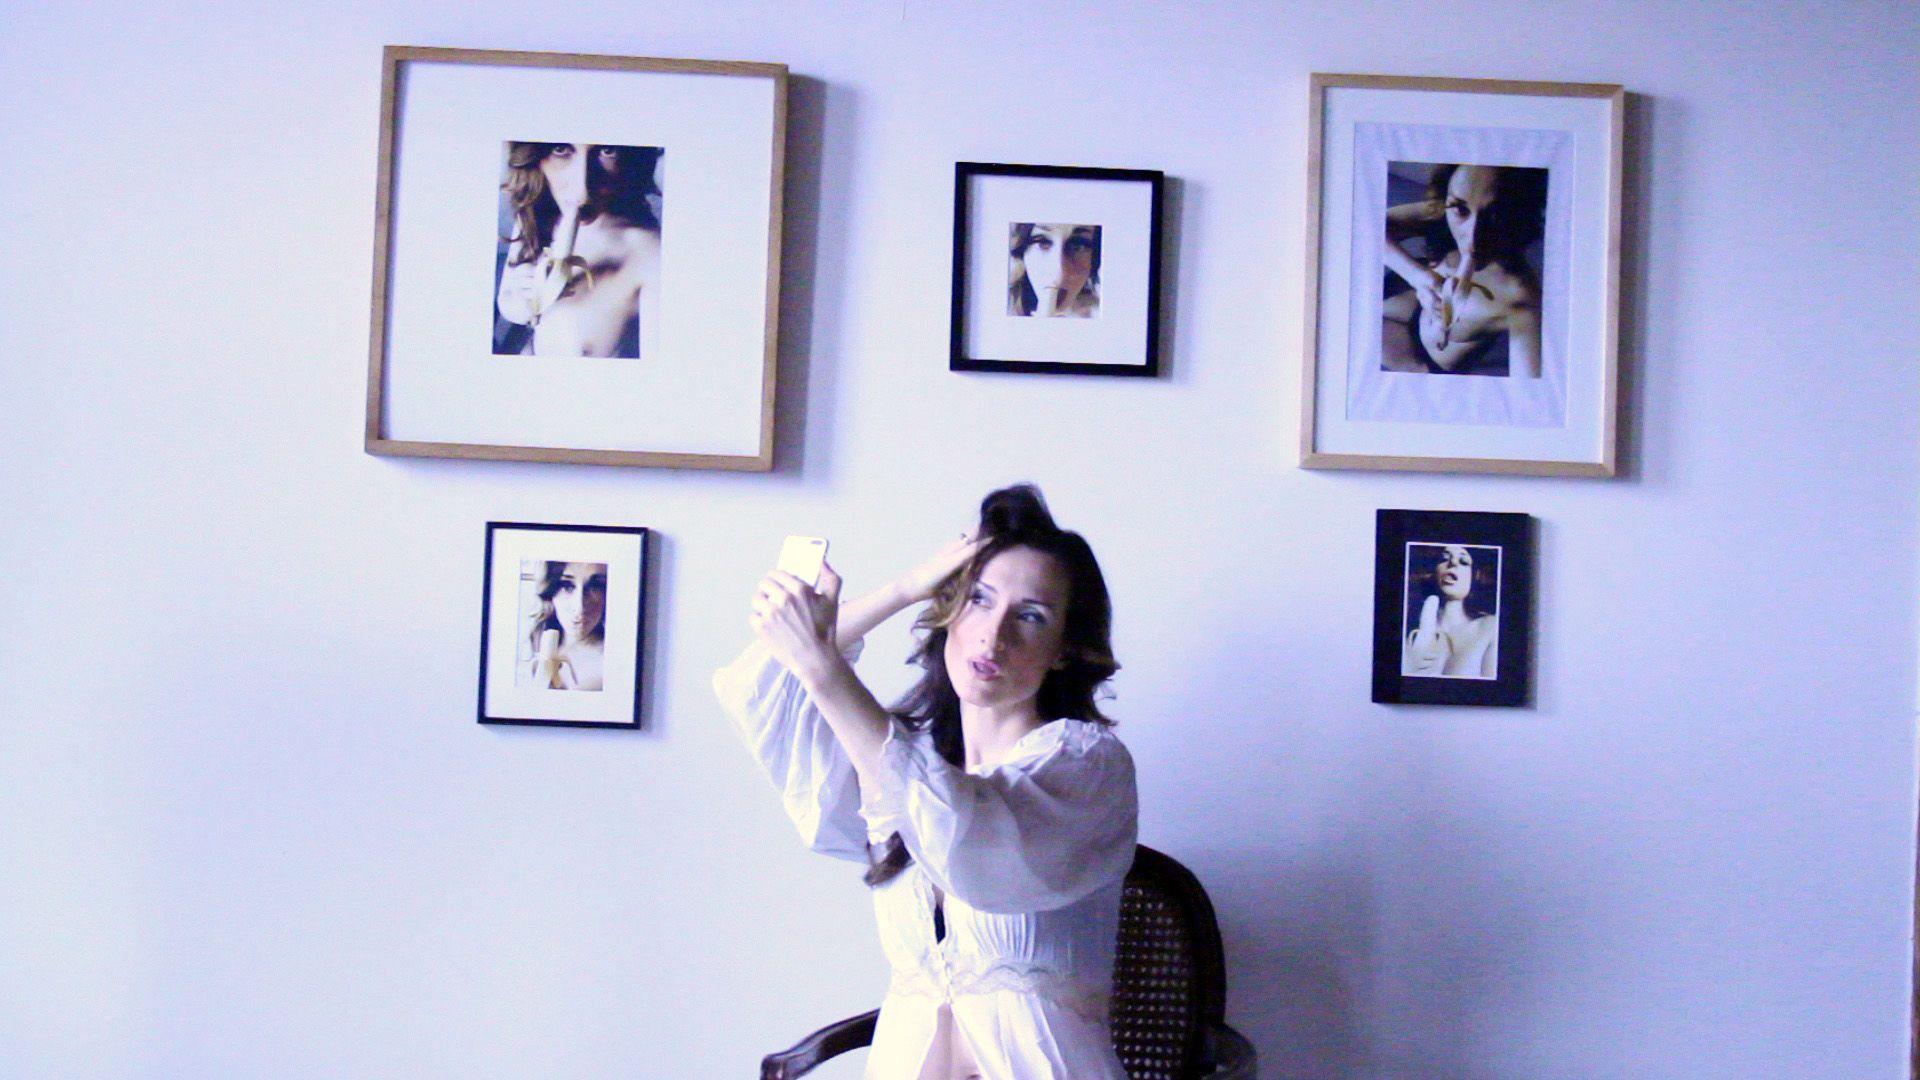 Selfied, de Nicole Brending obtuvo el premio Silver George al mejor cortometraje del 38th Moscow International Film Festival - Rusia